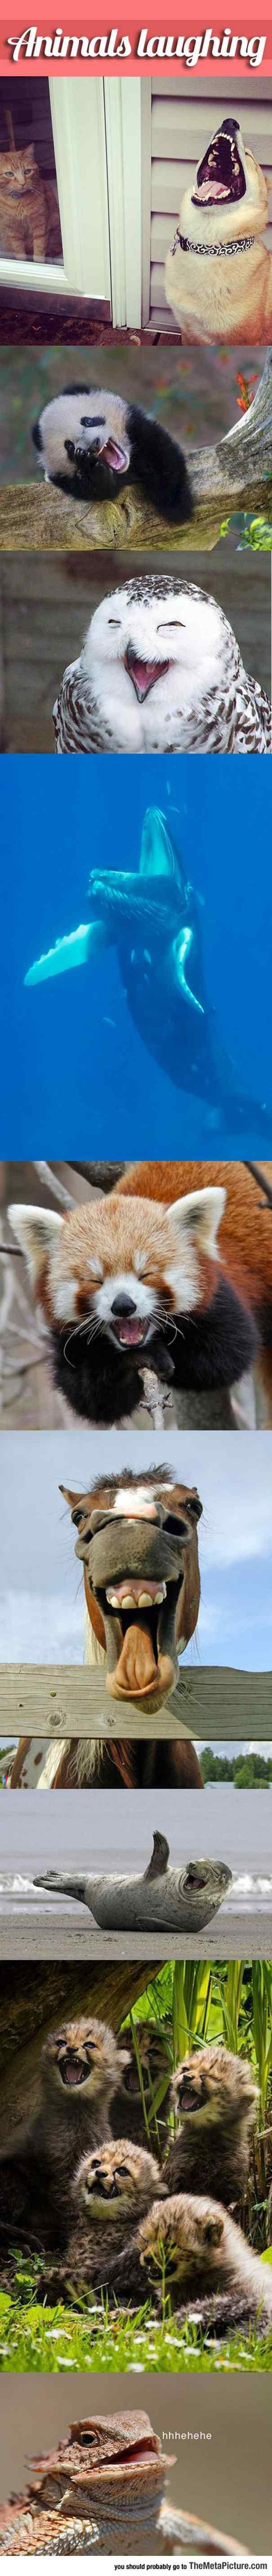 звери смеются